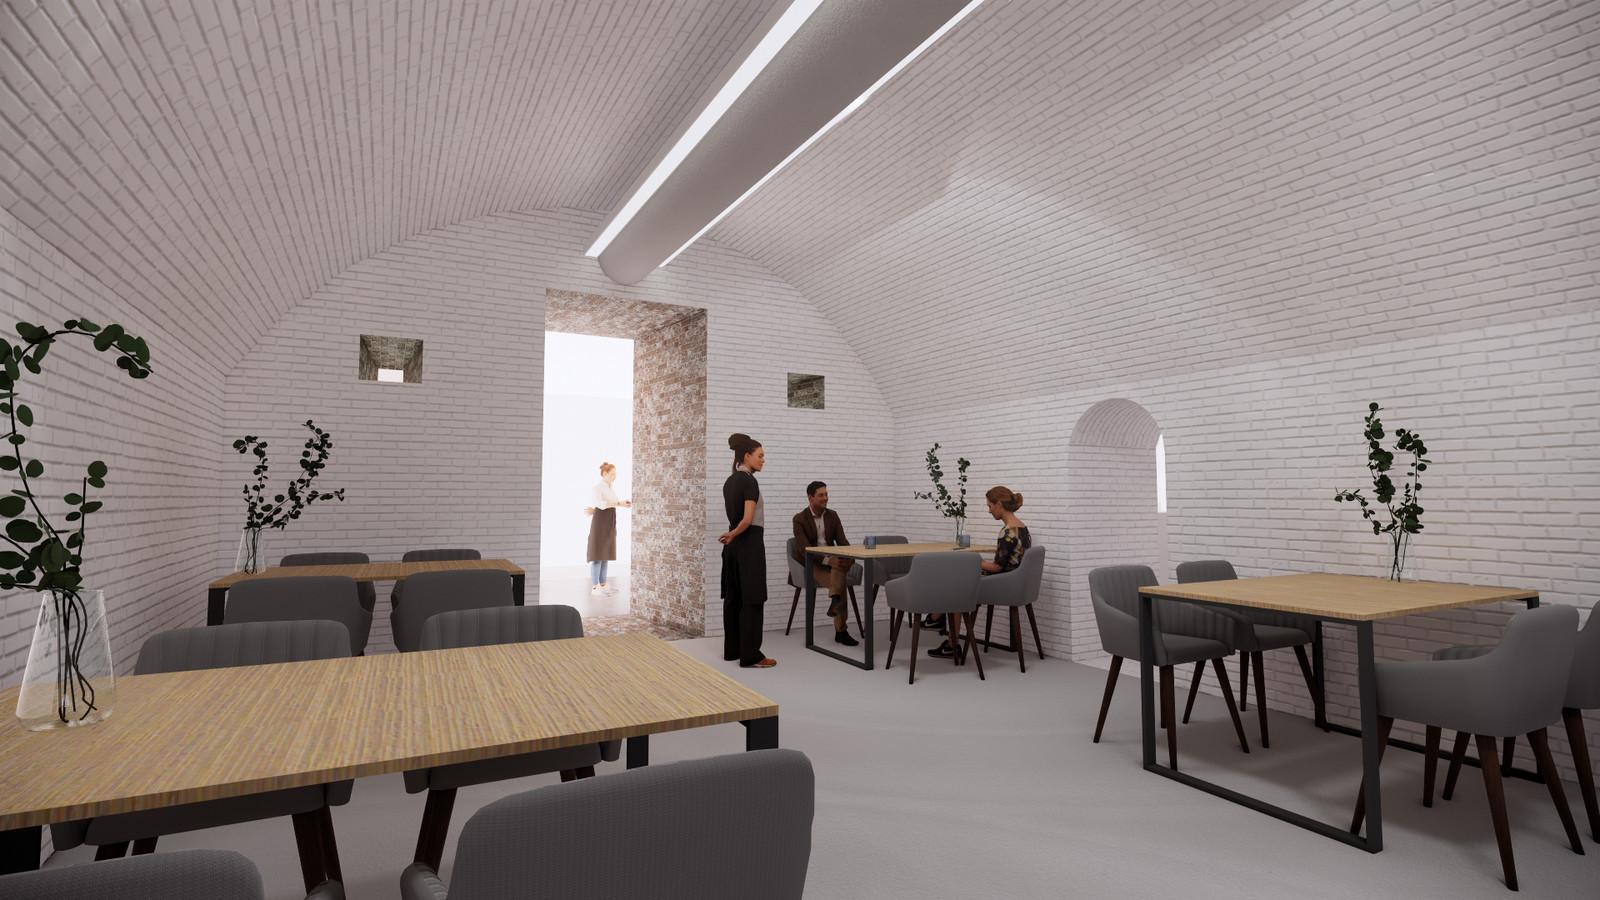 Sfeerimpressie plannen Fort Buitensluis: het nieuwe restaurant.